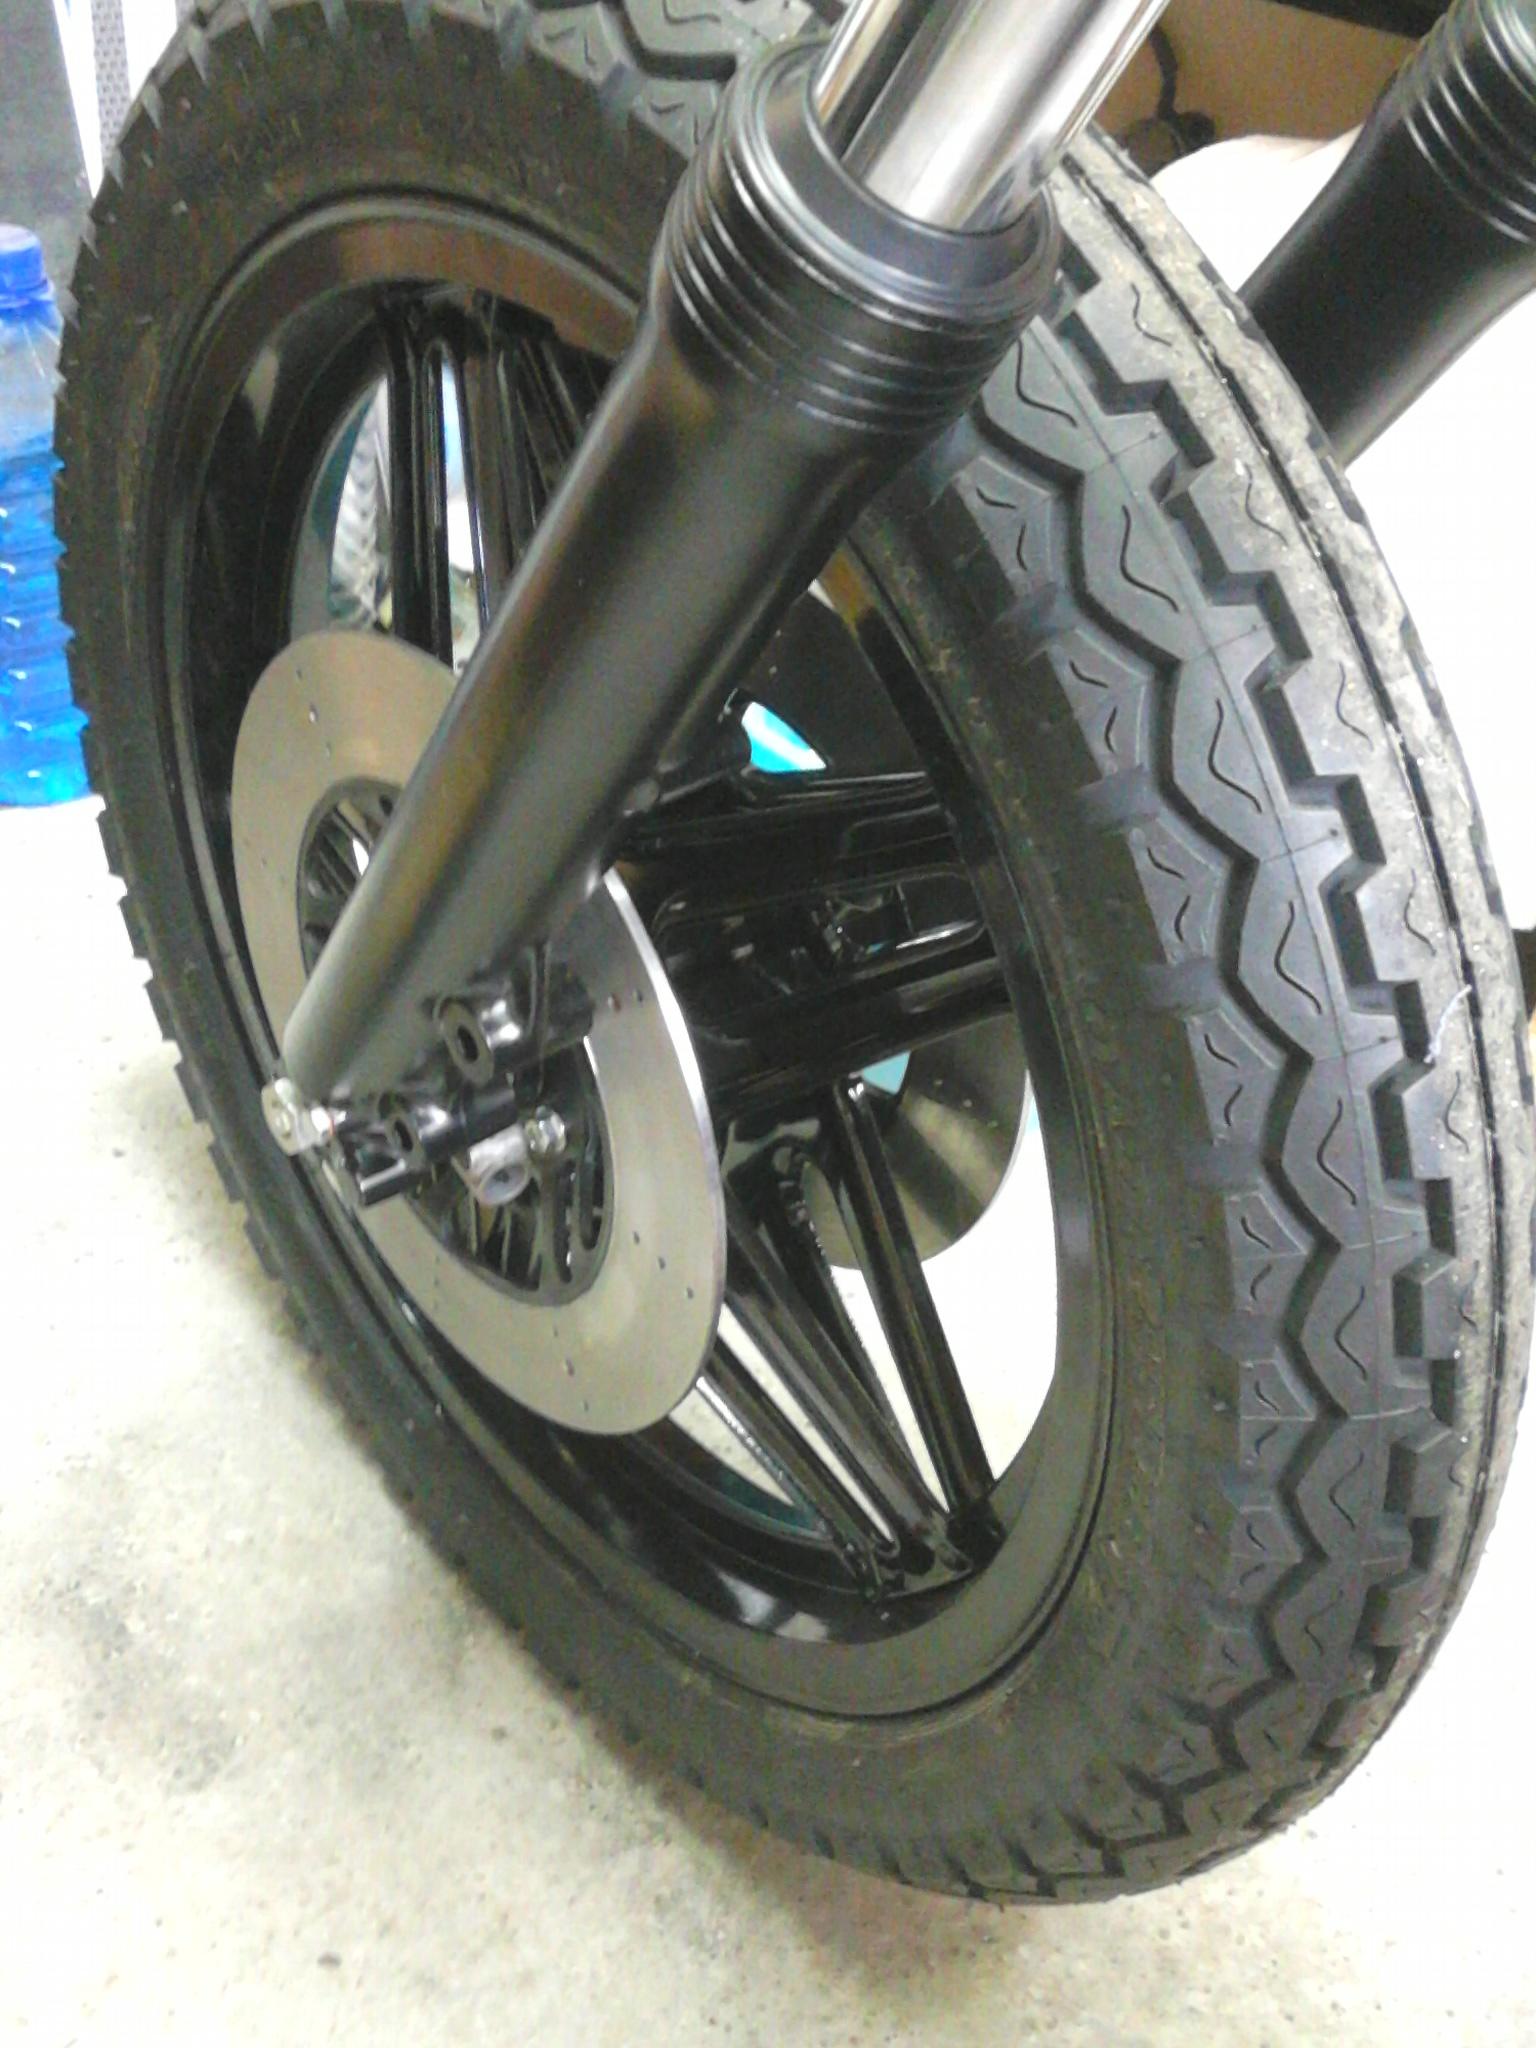 GL1100 on wheels – assembly in progress!